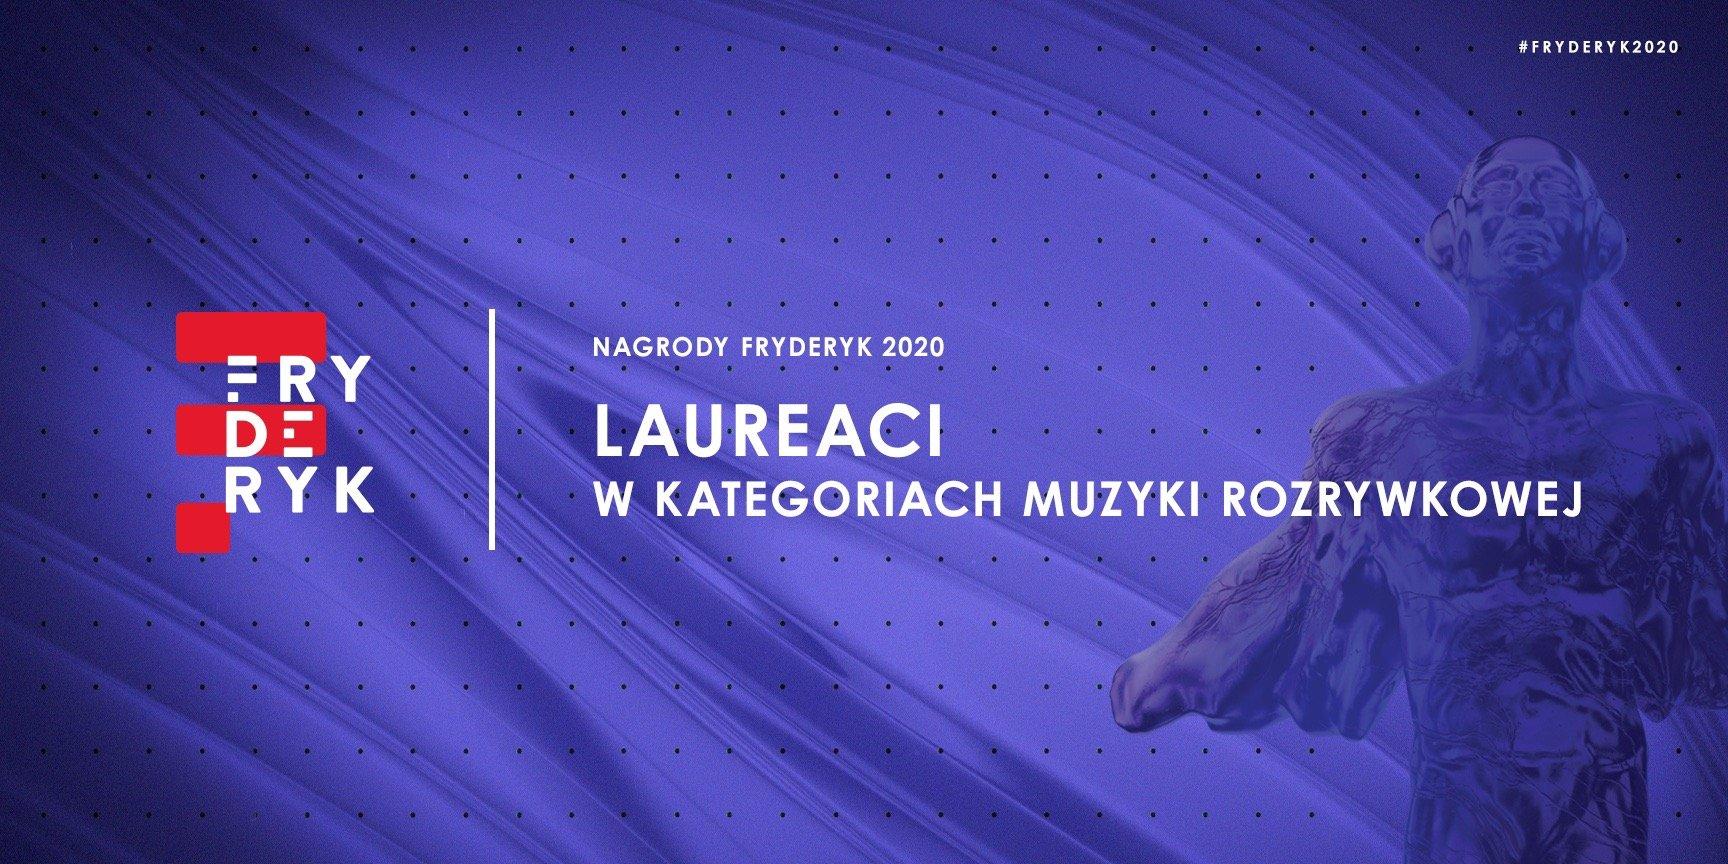 Laureaci nagród Fryderyk 2020 ogłoszeni! Wielkie zwycięstwo Hani Rani!